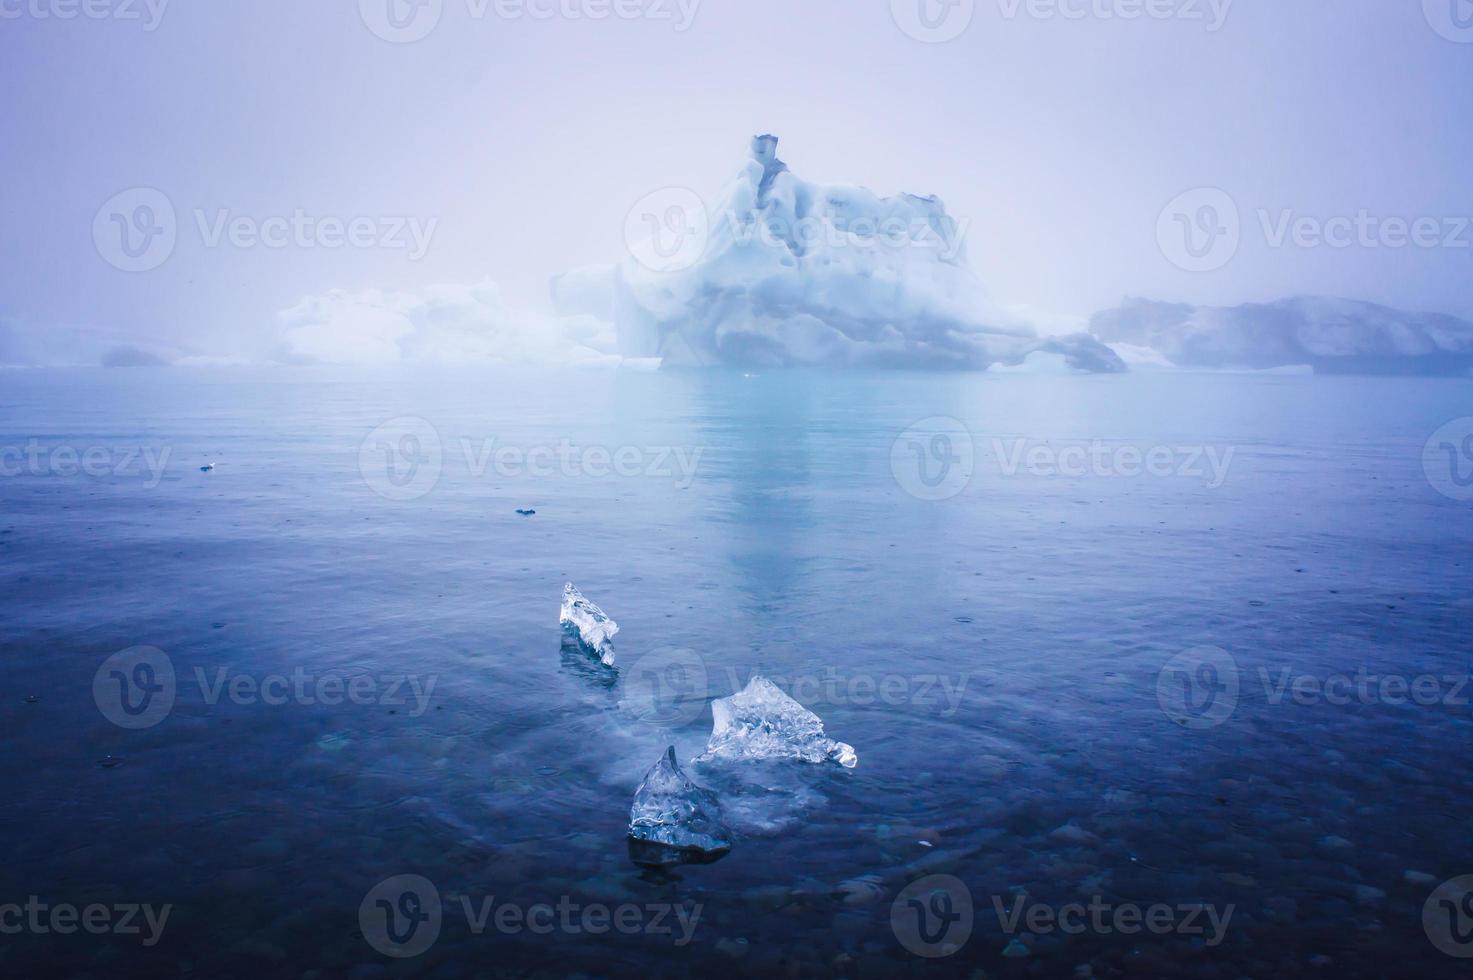 belle image vibrante du glacier islandais et de la lagune glaciaire avec photo